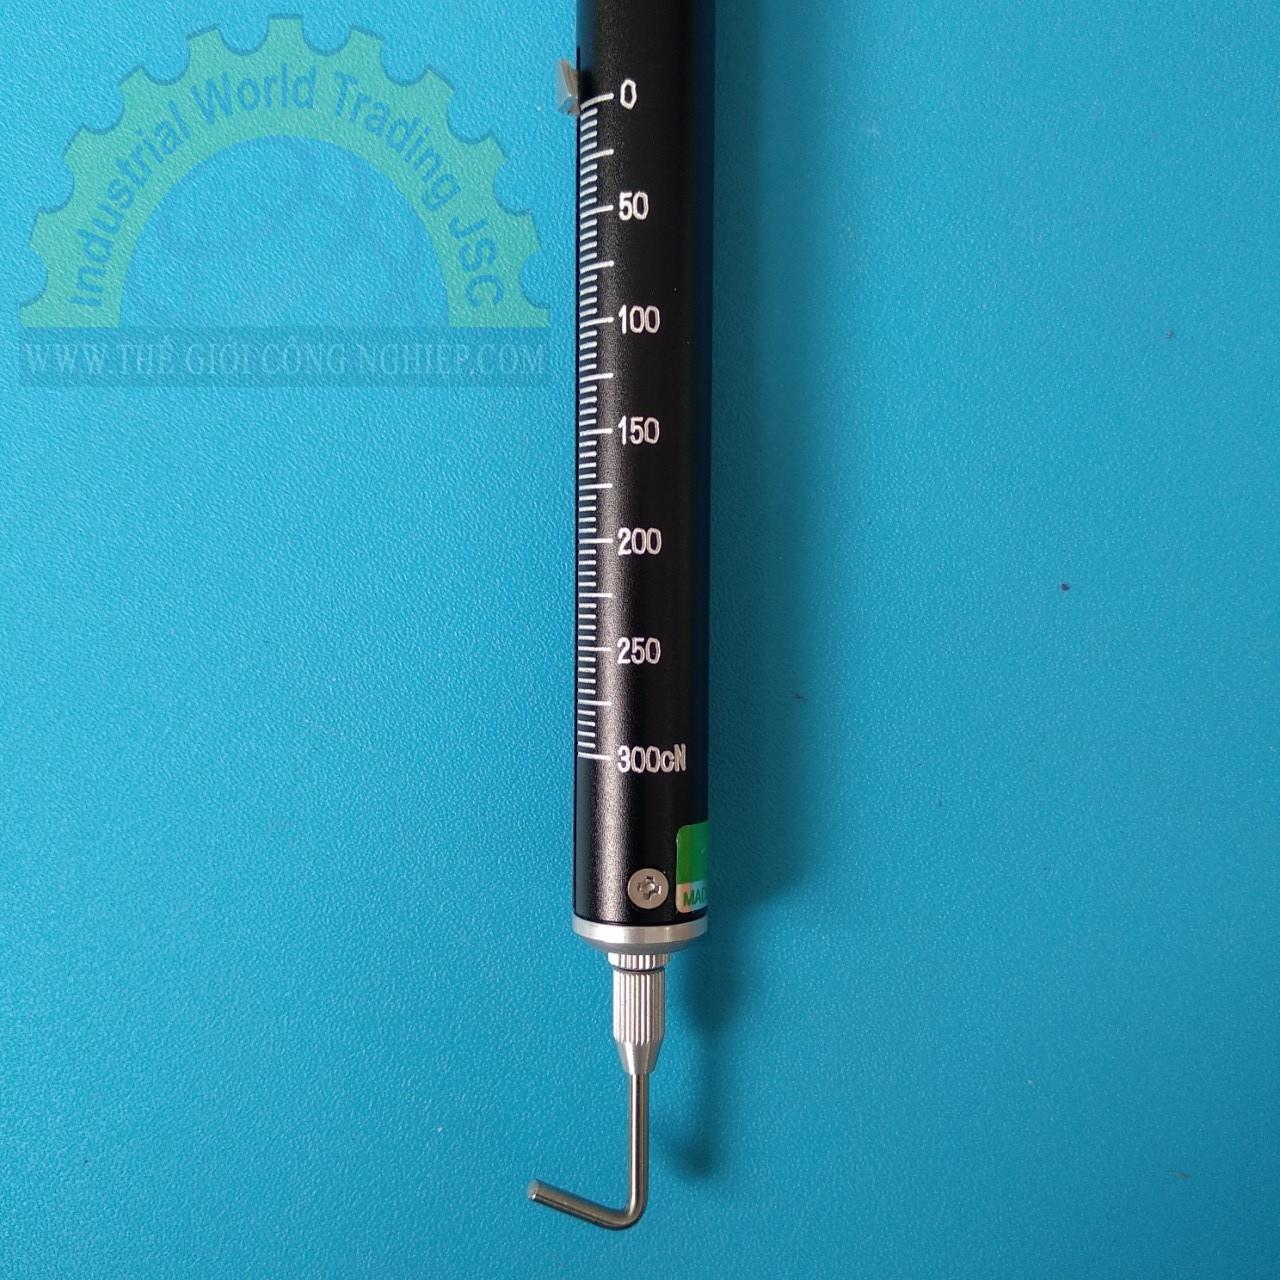 Tension gauge 0 - 300cN TK300CN Kanon